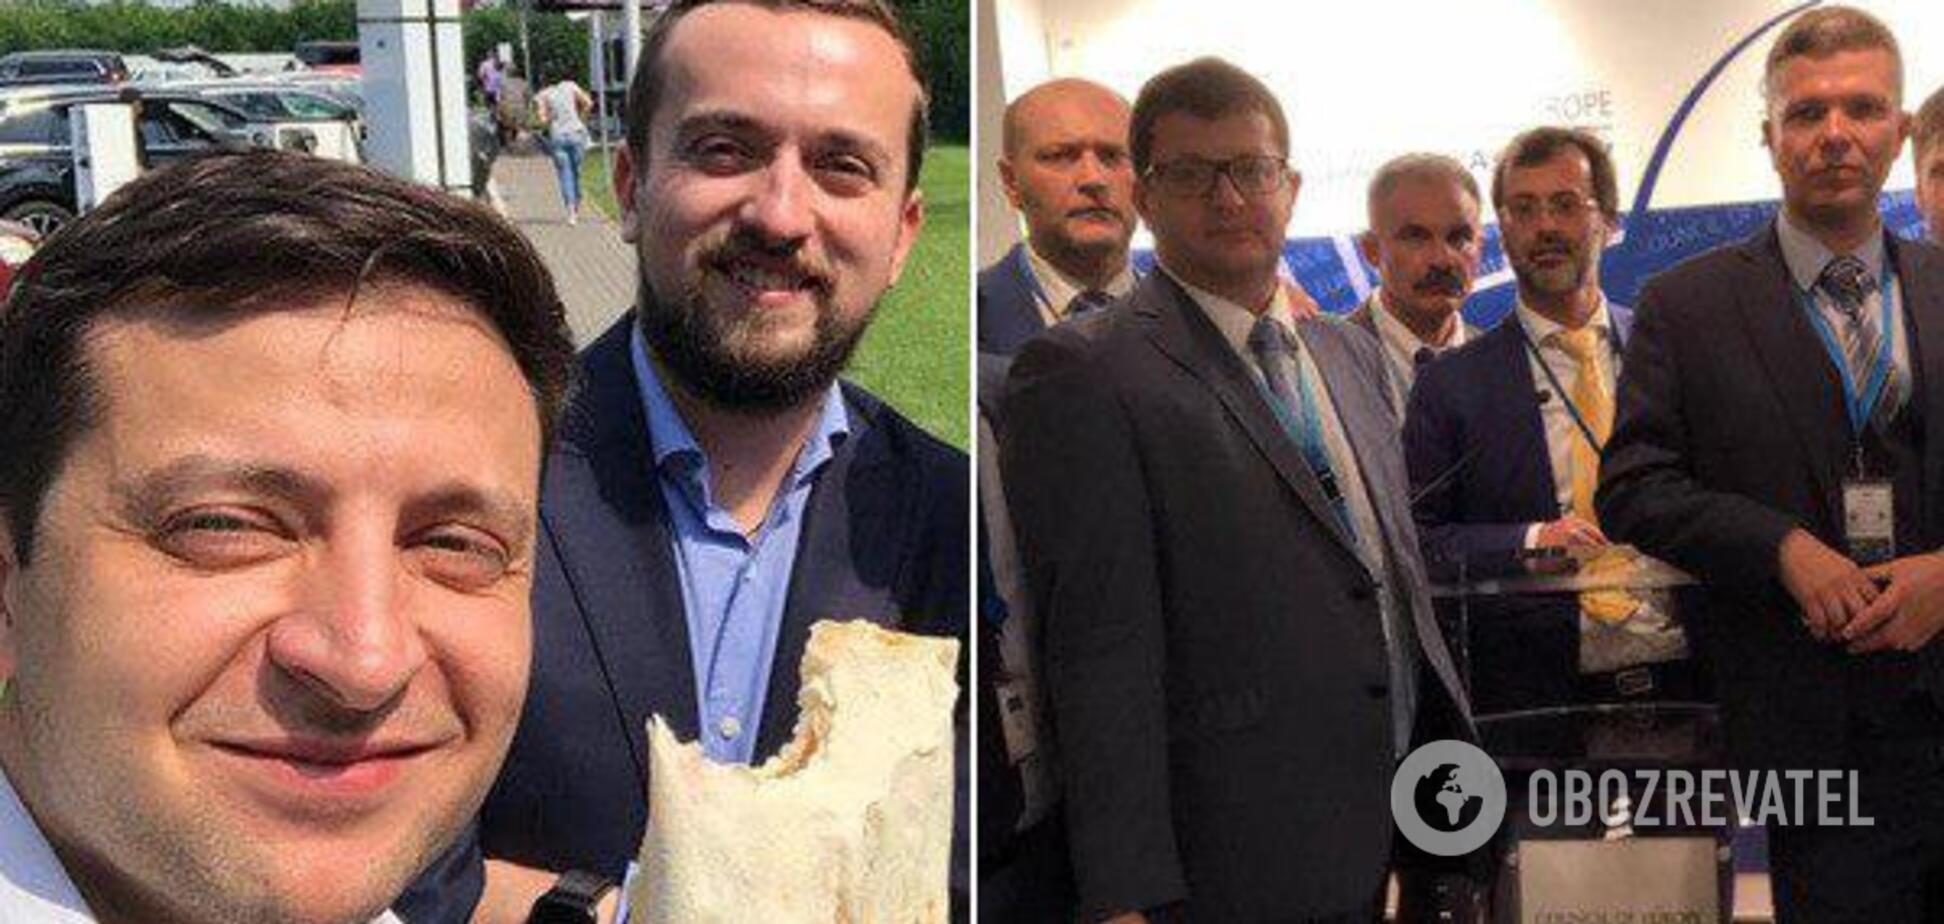 'Зеленский бросил делегацию!' Сеть 'взорвало' предательское решение ПАСЕ по России